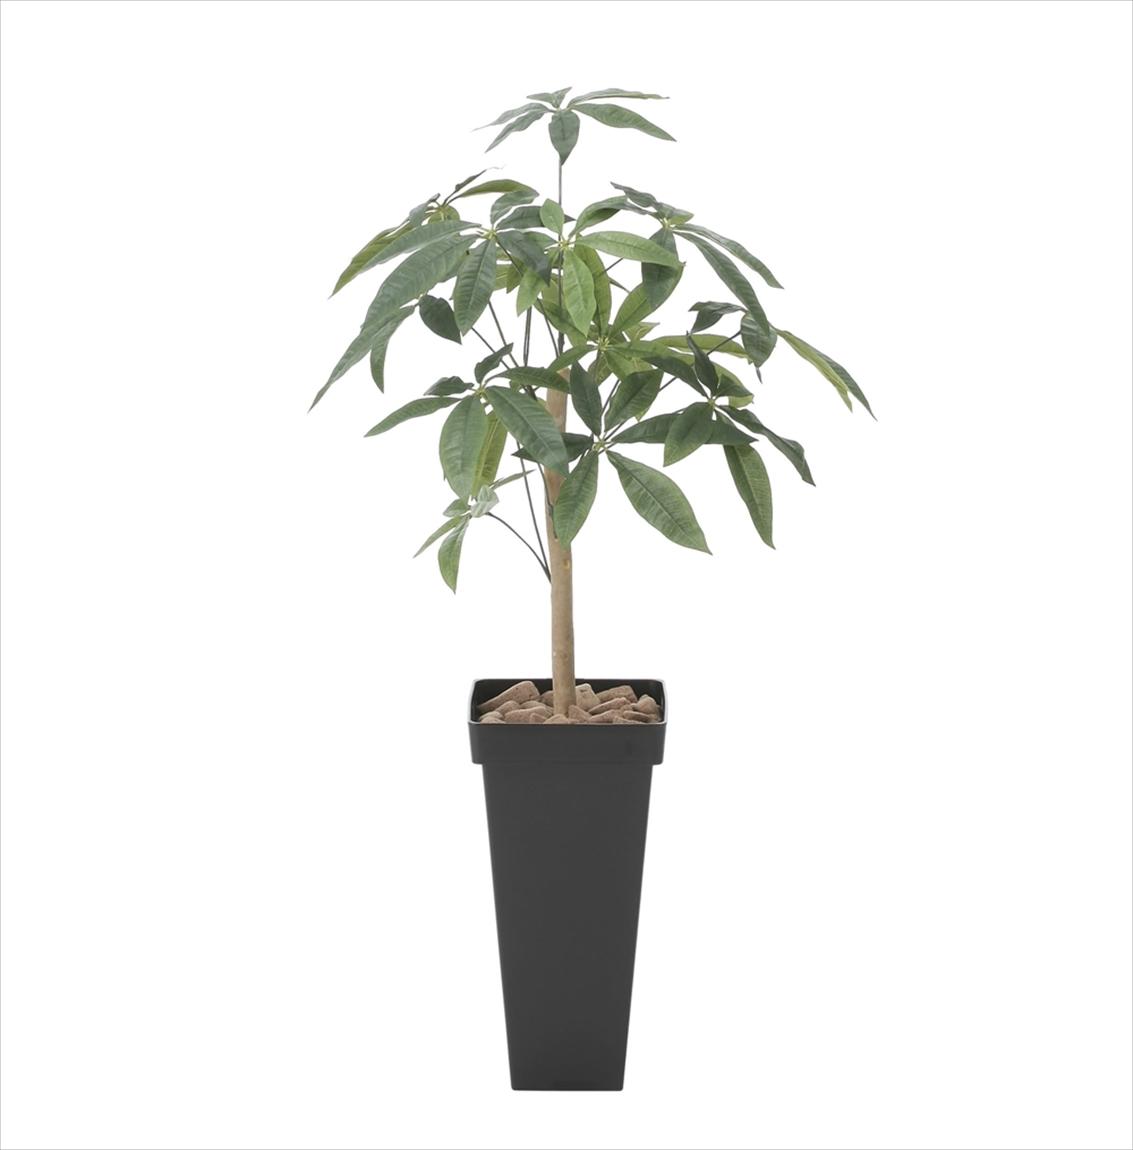 光触媒 人工観葉植物光の楽園 スリムパキラ1.0mインテリア フェイクグリーン